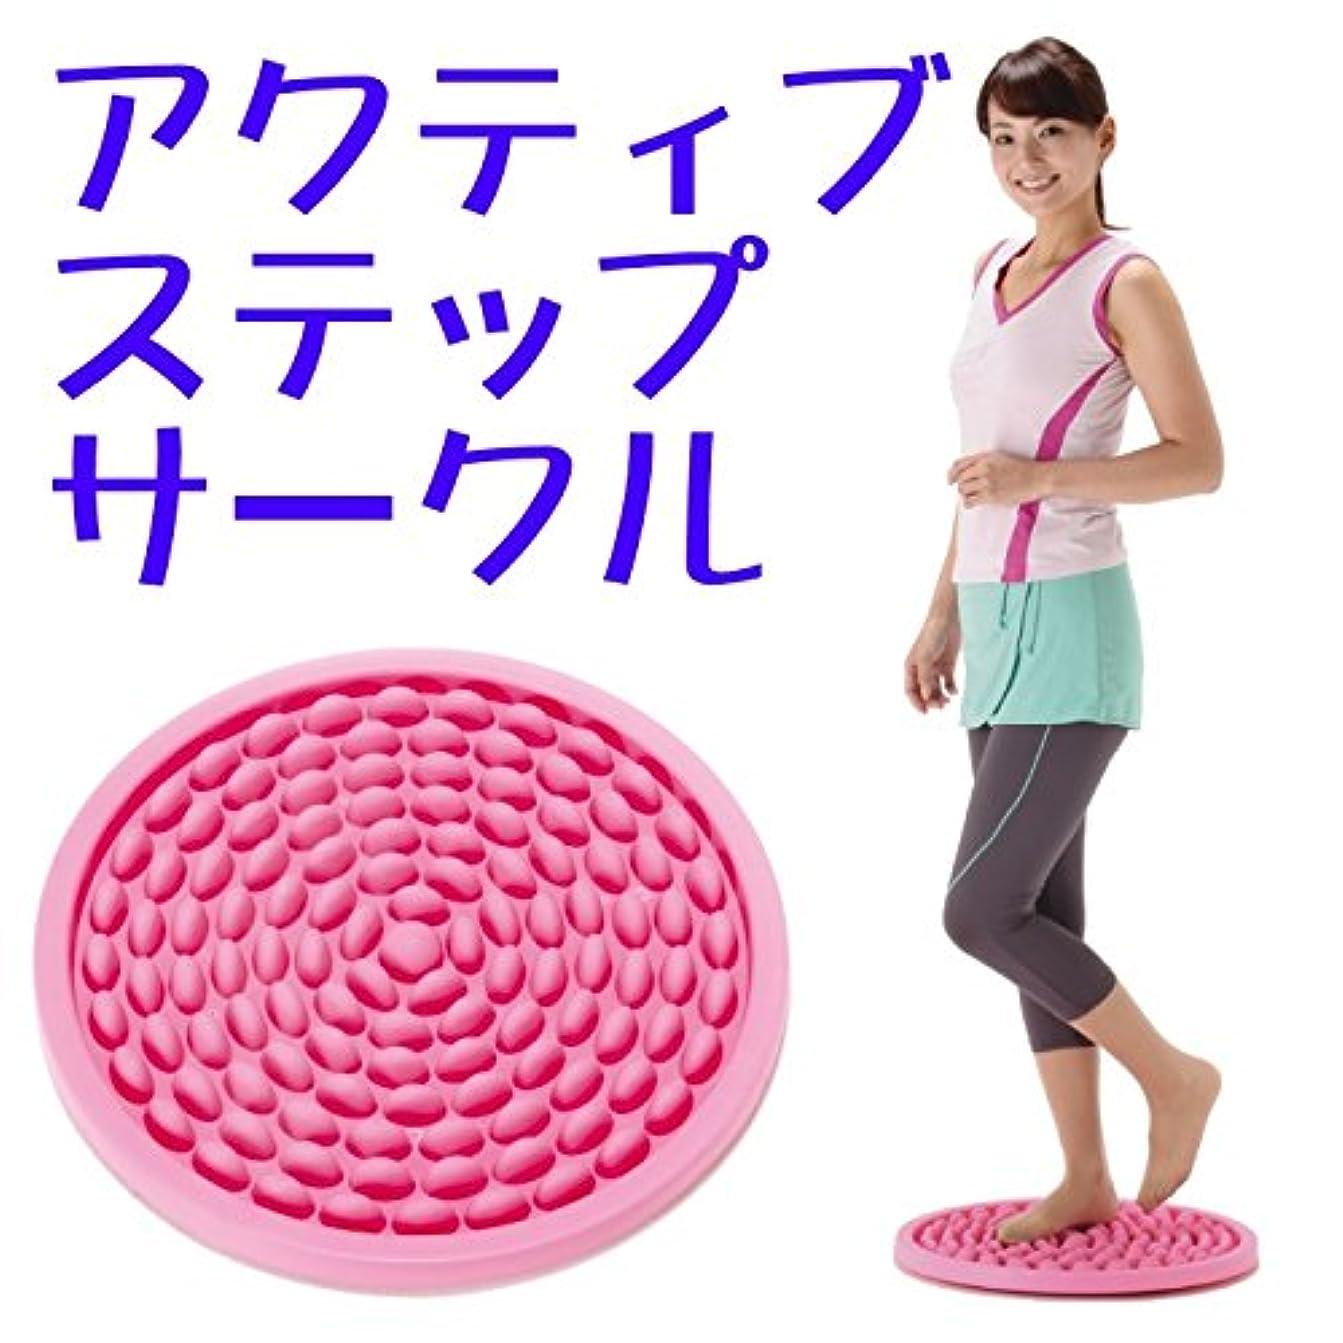 浴おもちゃがっかりした健康器具 足つぼ 強烈な痛さは少なく、気持ちよく足踏みしていただけます エクササイズ アクティブステップサークル